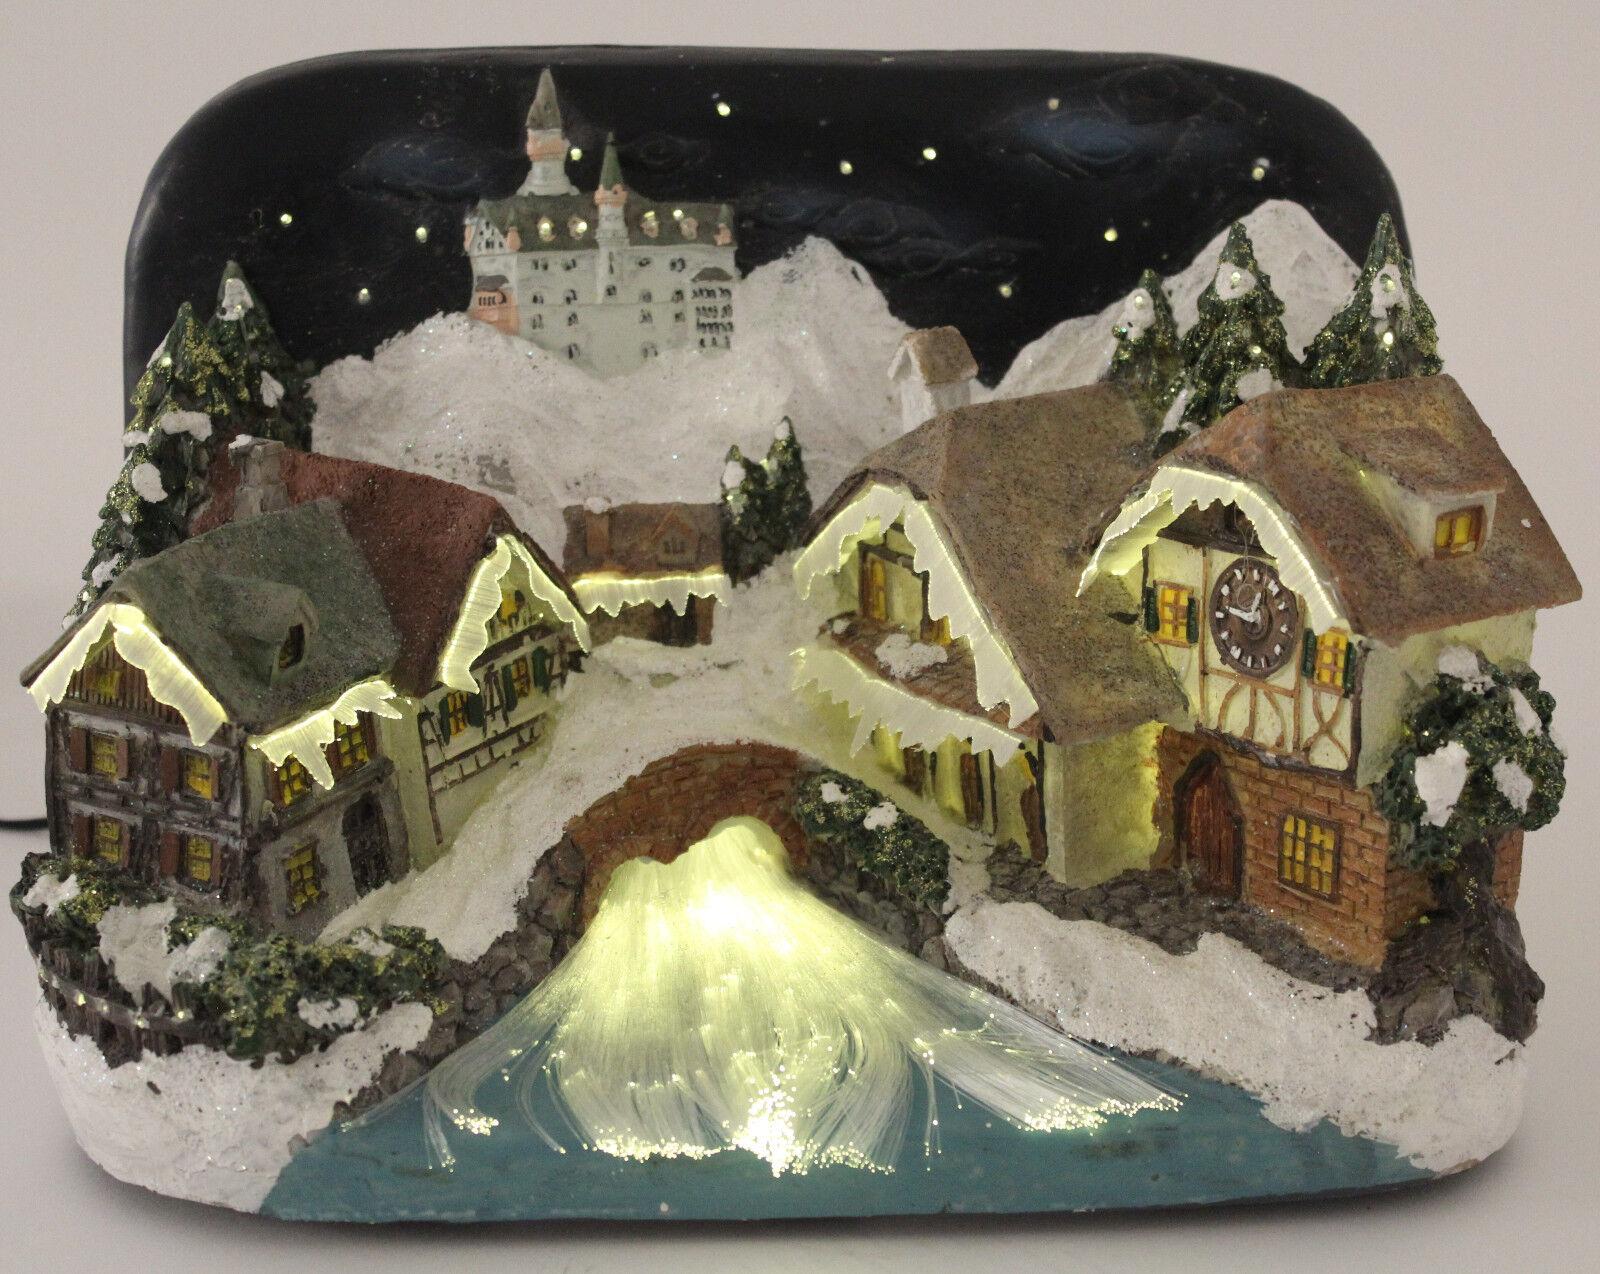 LED Weihnachten Weihnachtshaus Nostalgie Winterlandschaft 15cm Dekoration